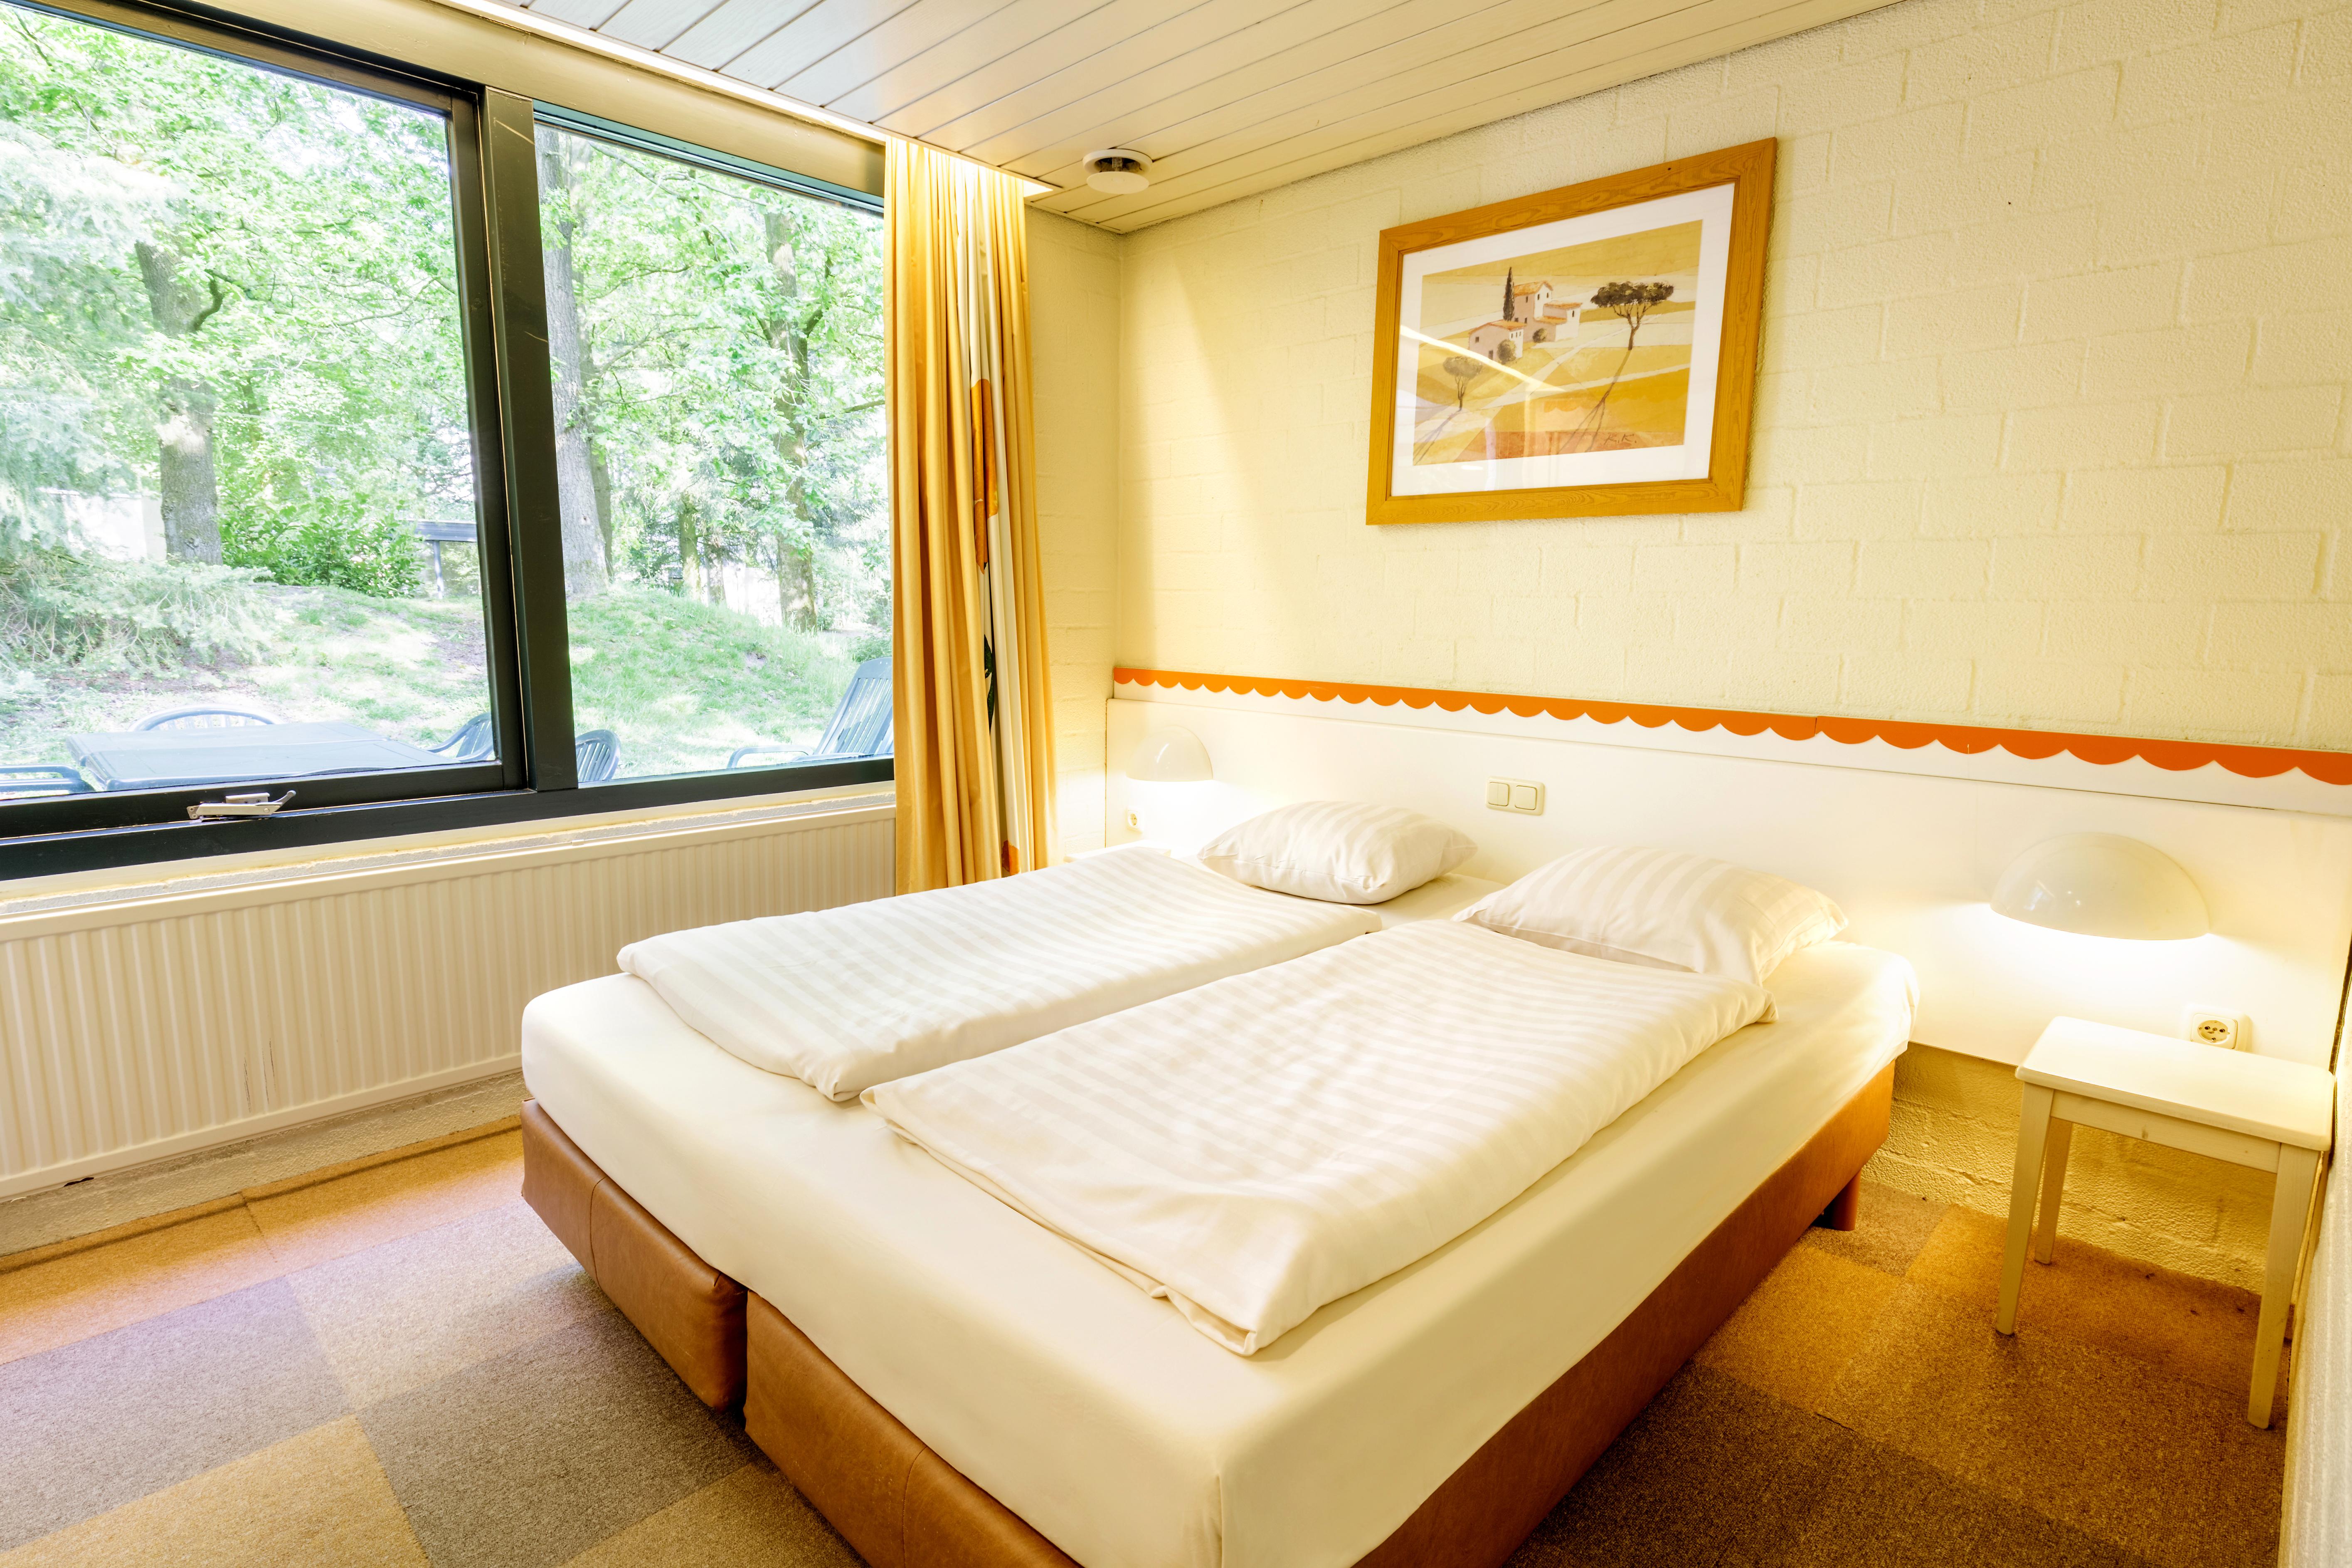 Ferienhaus Center Parcs De Huttenheugte - cottage Comfort 8 persons (2639182), Dalen (NL), , Drenthe, Niederlande, Bild 3